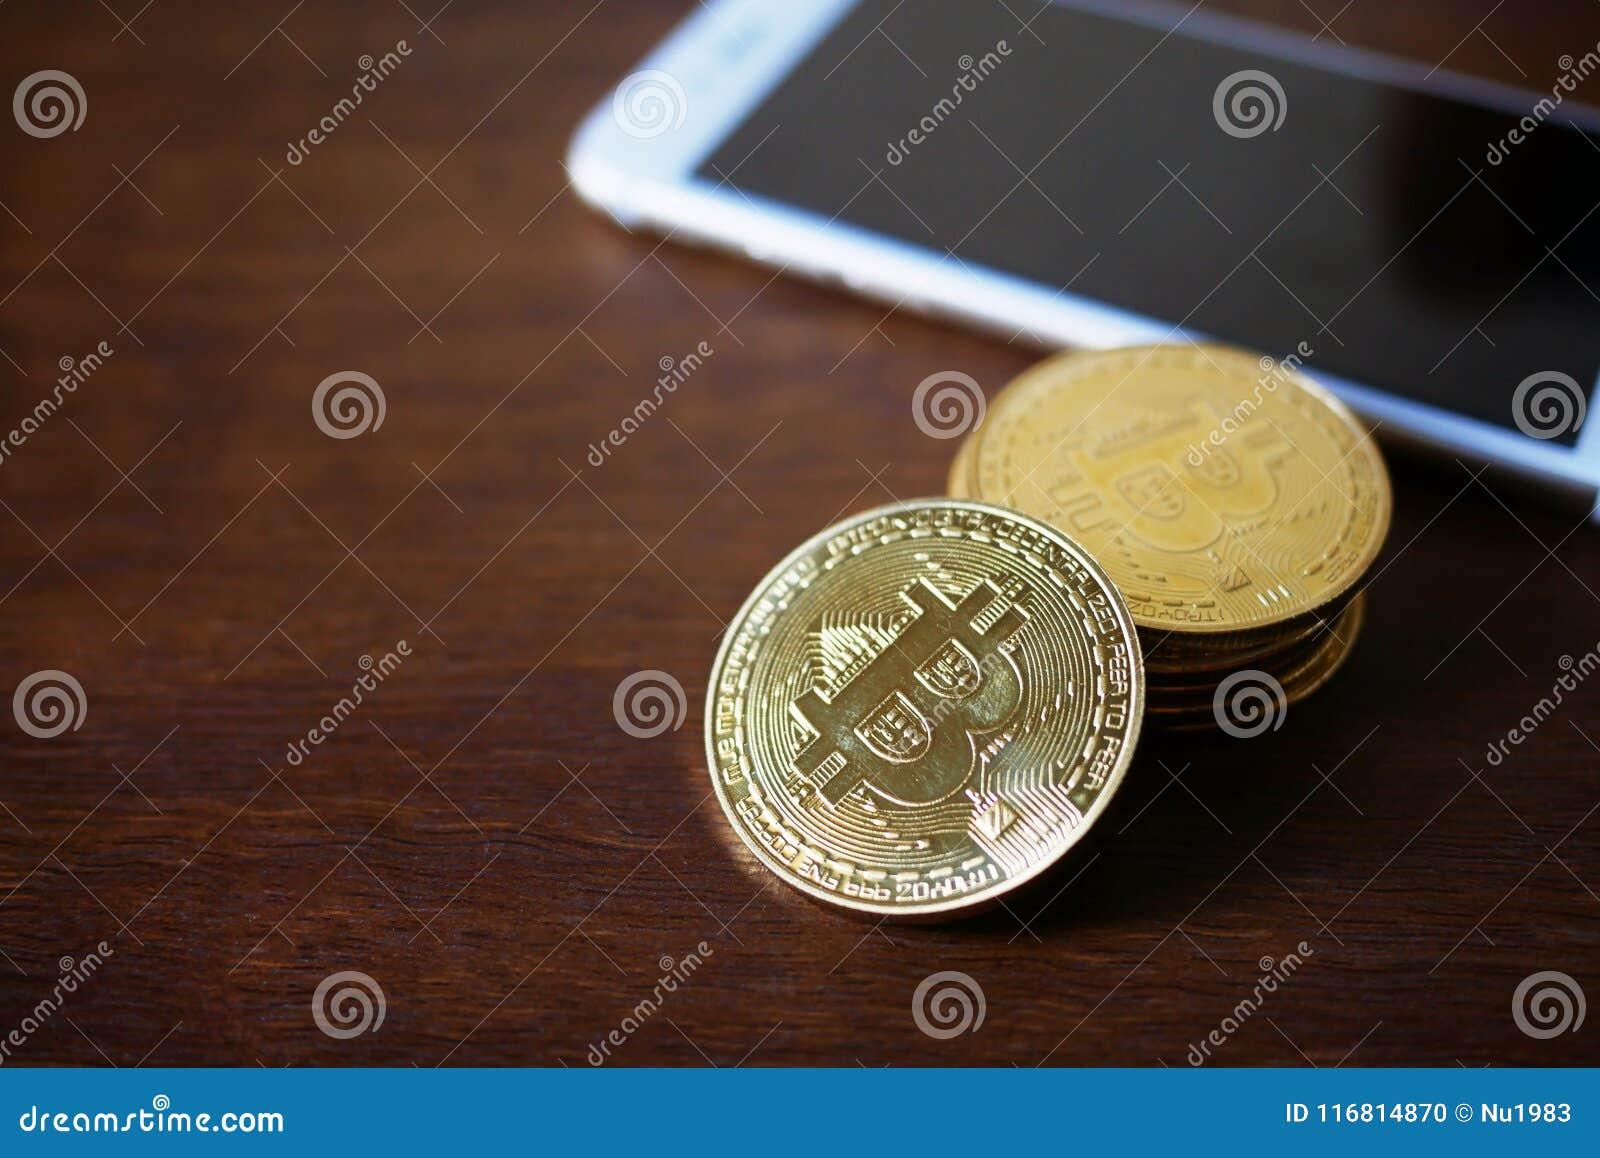 Pila di Bitcoins fisico con valuta virtuale dello smartphone concentrata